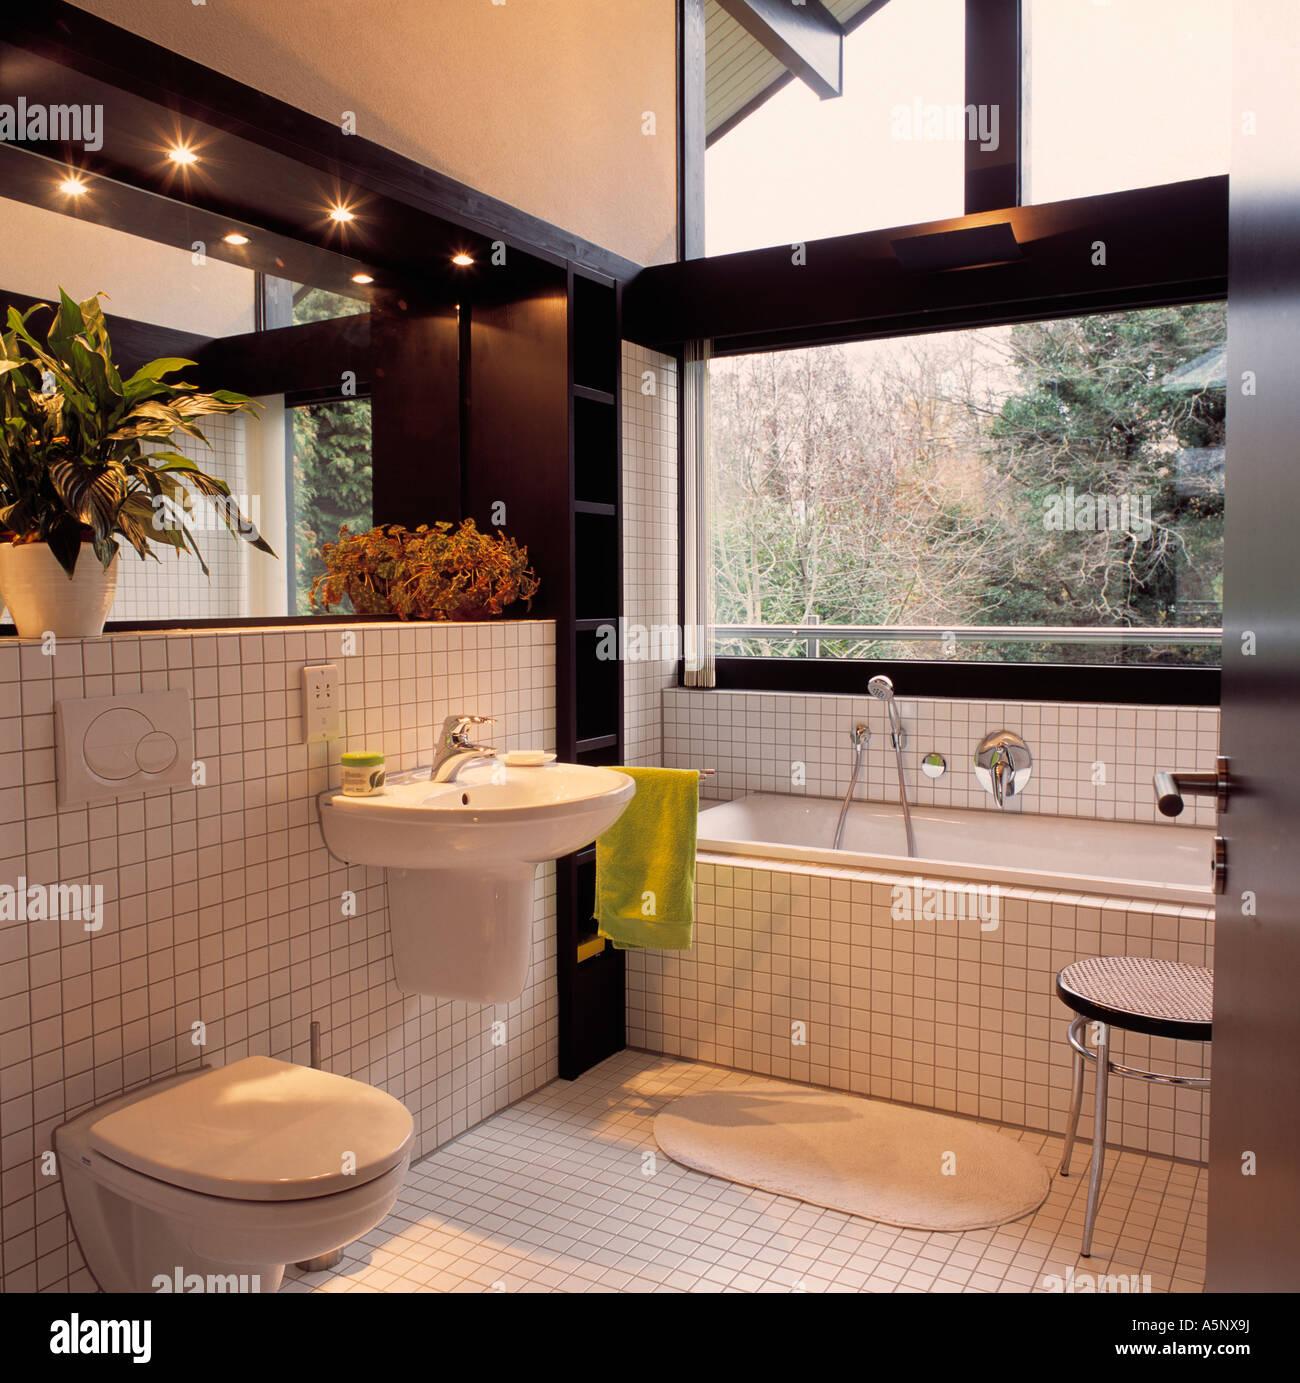 fenetre au dessus baignoire free gallery of salle de bain avec douche uniquement fenetre au. Black Bedroom Furniture Sets. Home Design Ideas